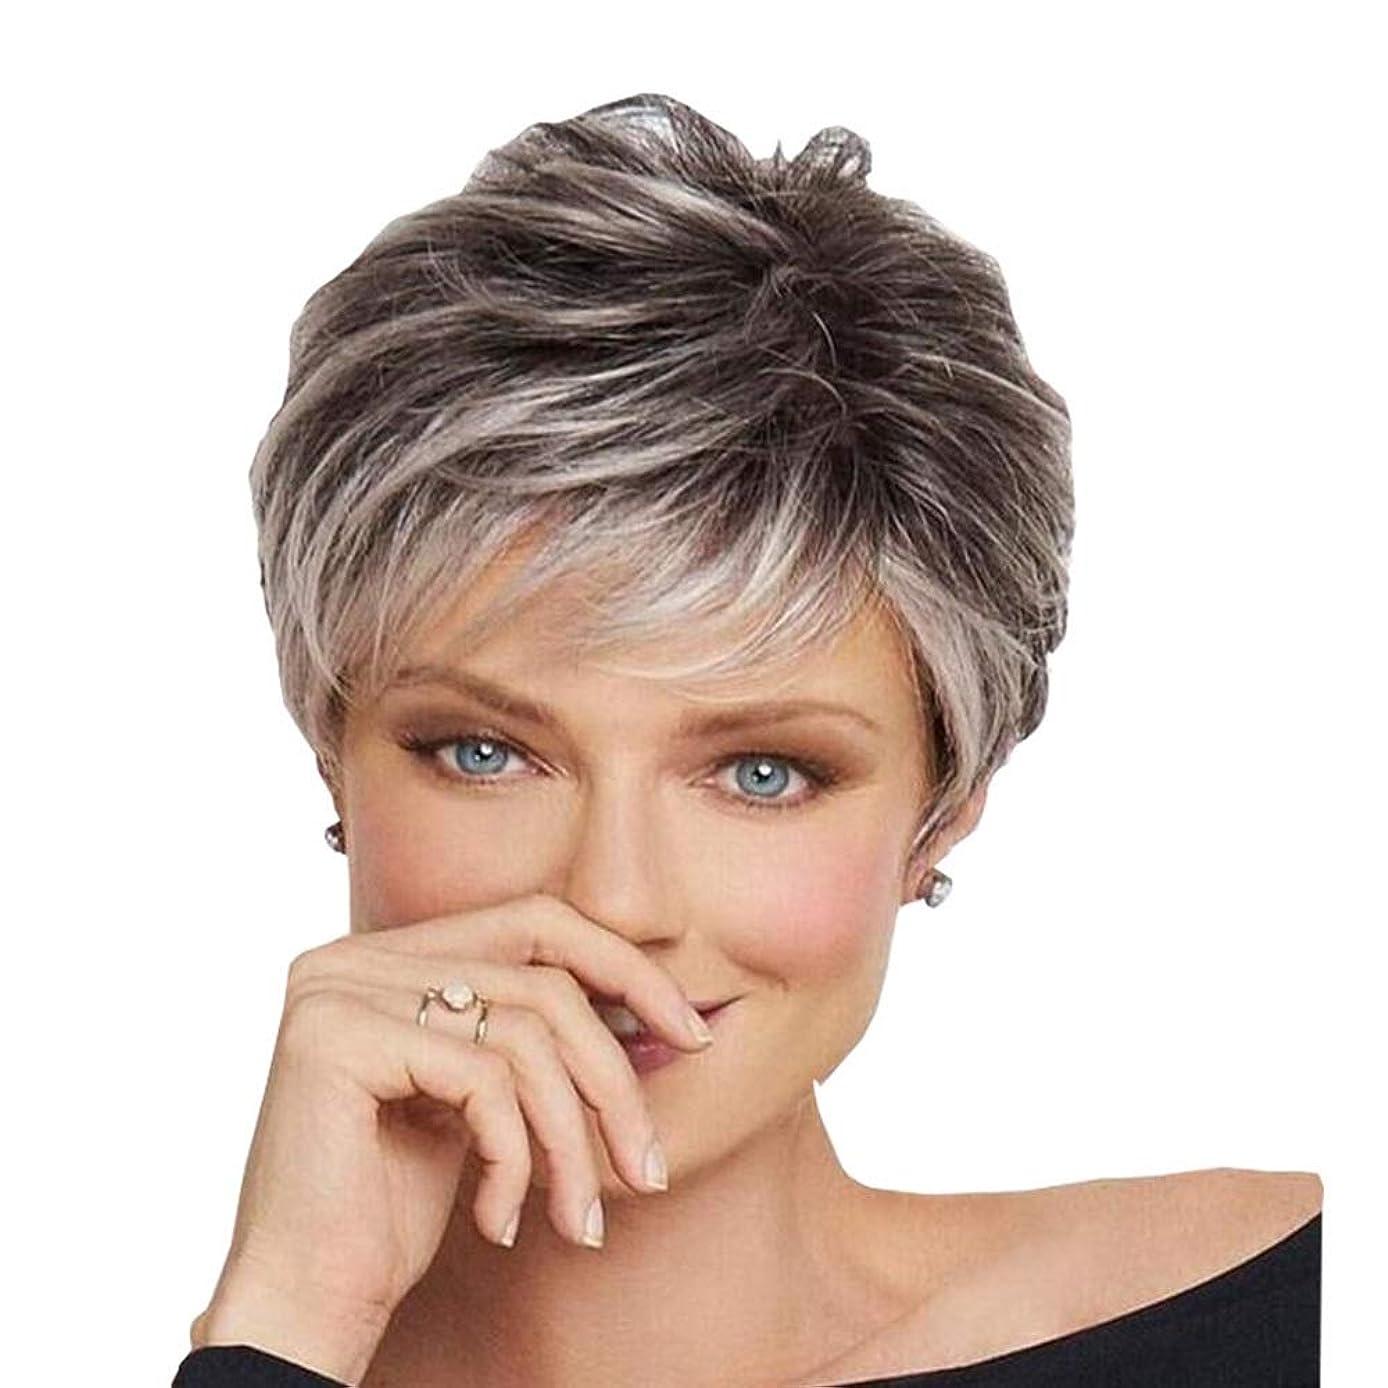 分析的な観光に行く無礼にYrattary デイリーパーティーのための斜め前髪付き女性用グレーショートカーリーヘアーダークルーツヘアウィッグ (色 : グレー)